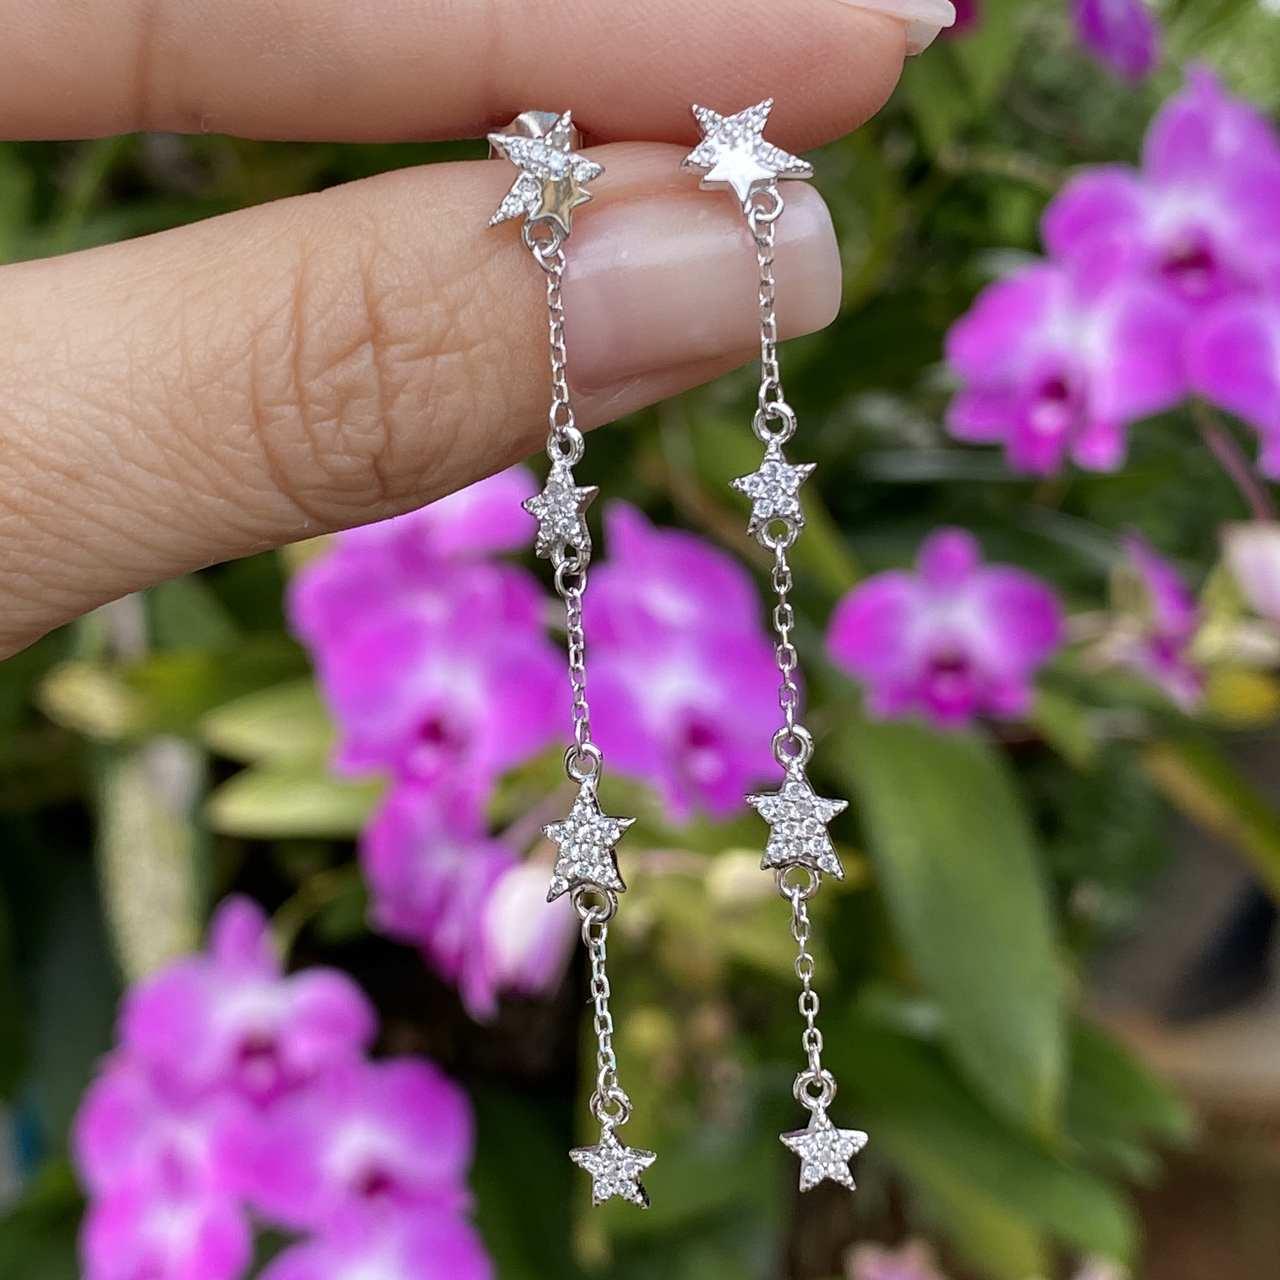 Brinco de Prata 925 Chuva de Estrelas Cravejado